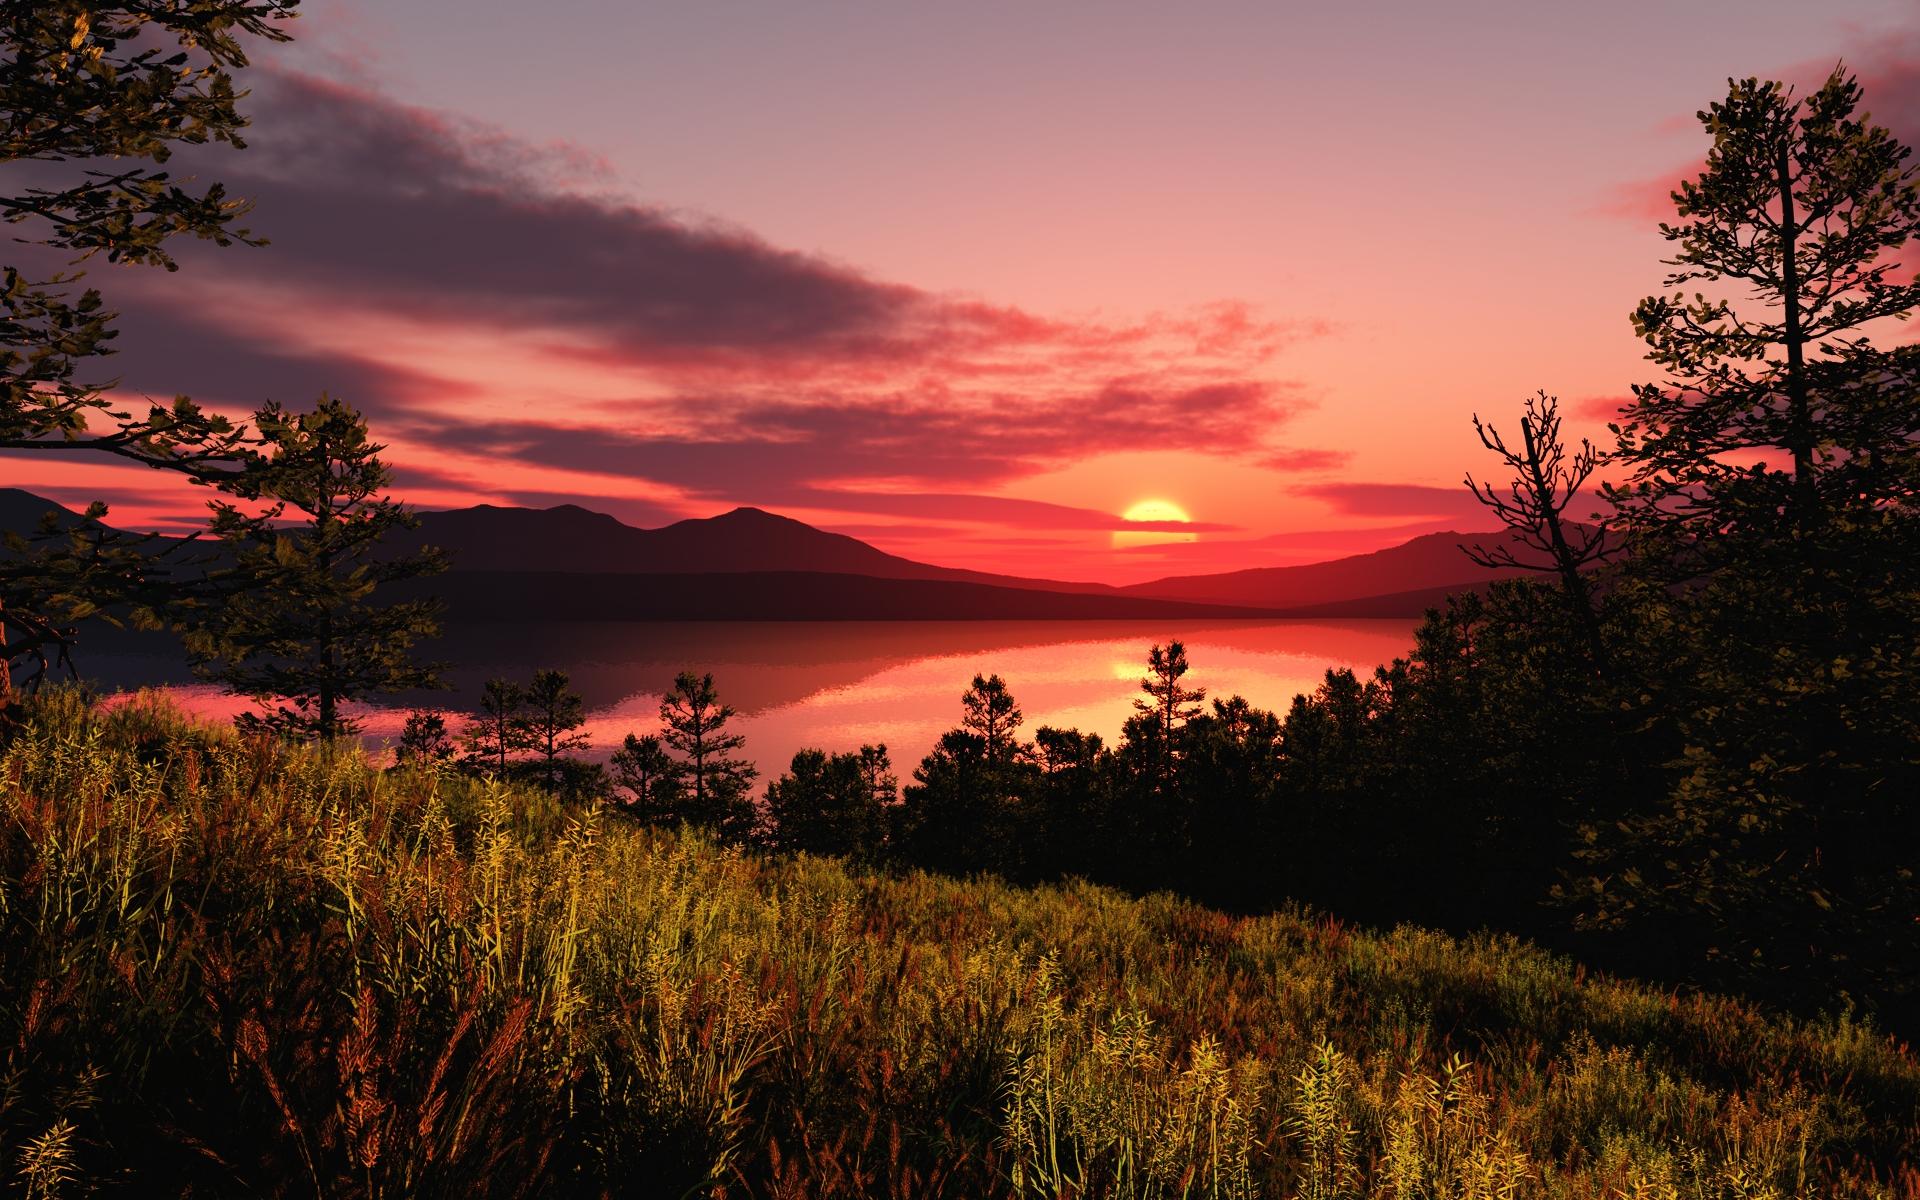 Лиственница горы, природа пейзаж, горы, красный, закат обои - 1920x1080 full hd добавлять digg